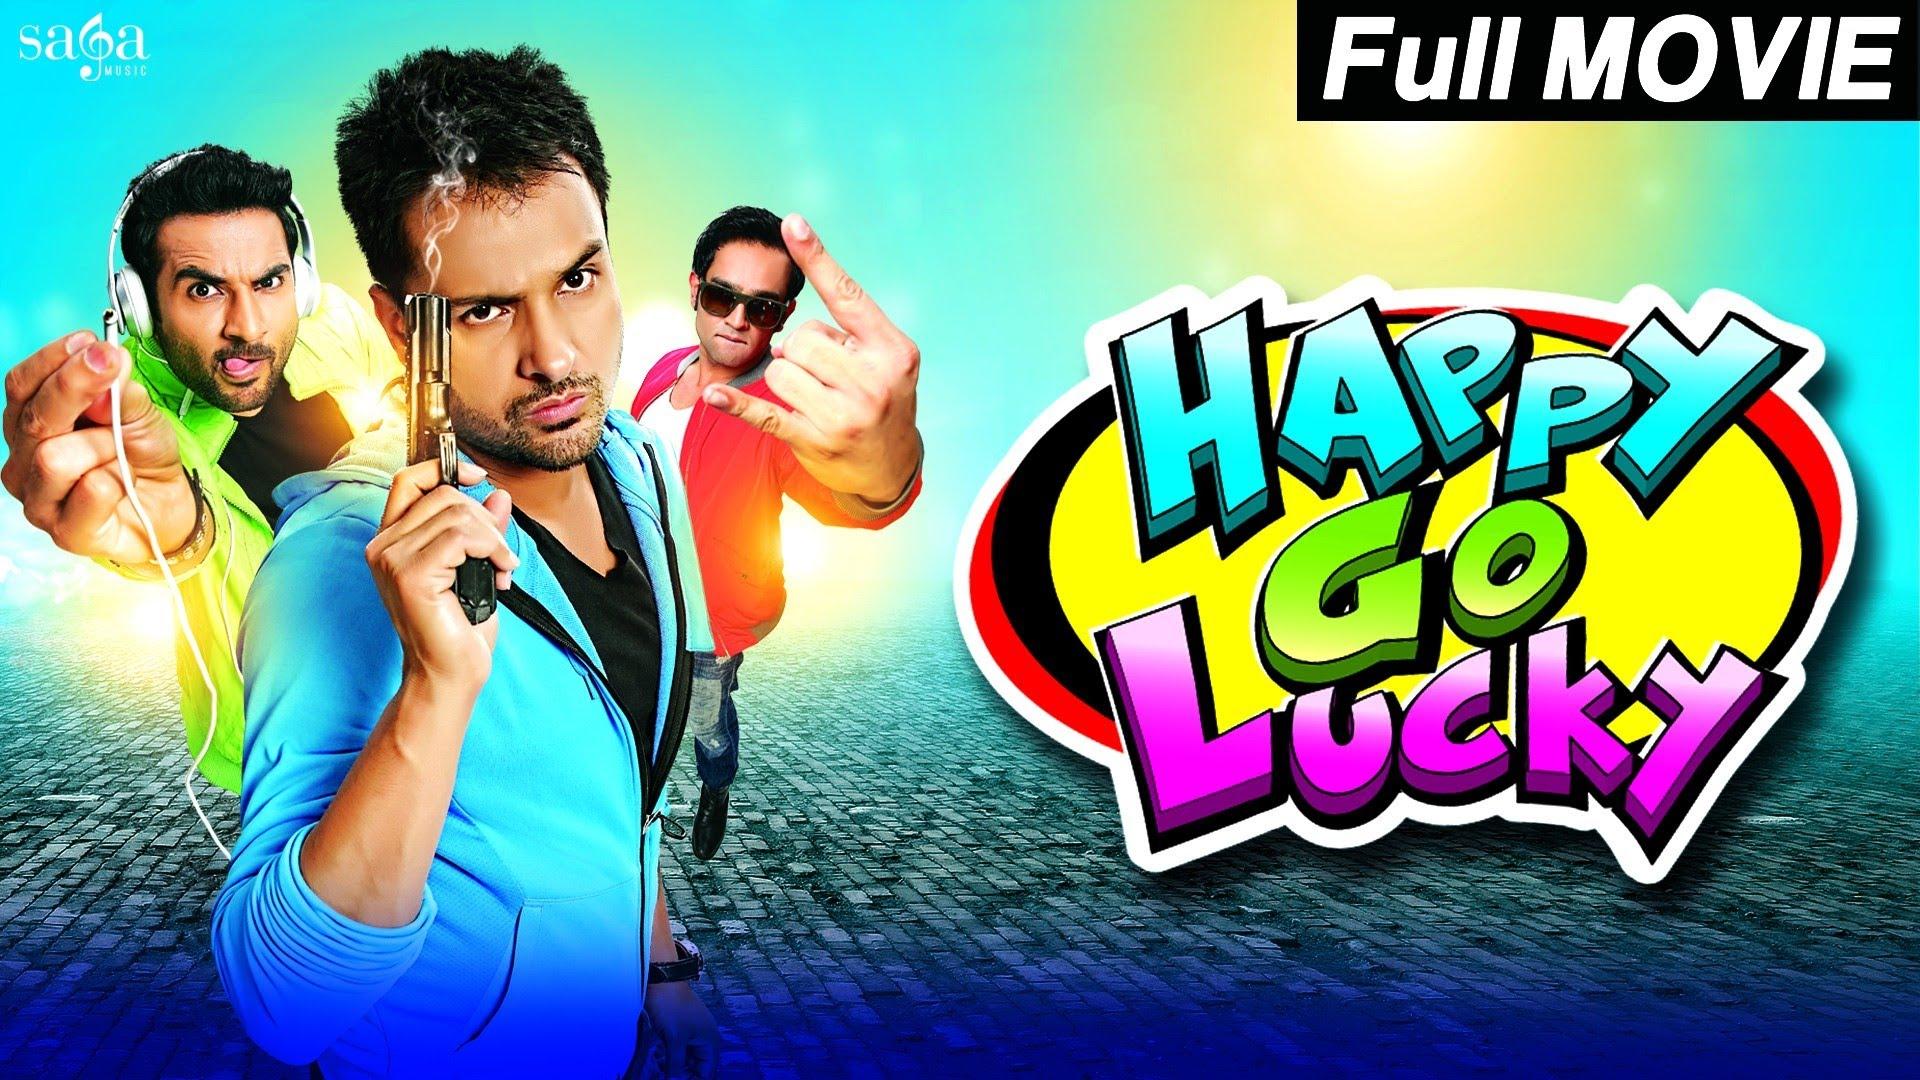 New Punjabi Movies 2016 Latest Punjabi Movies 2016